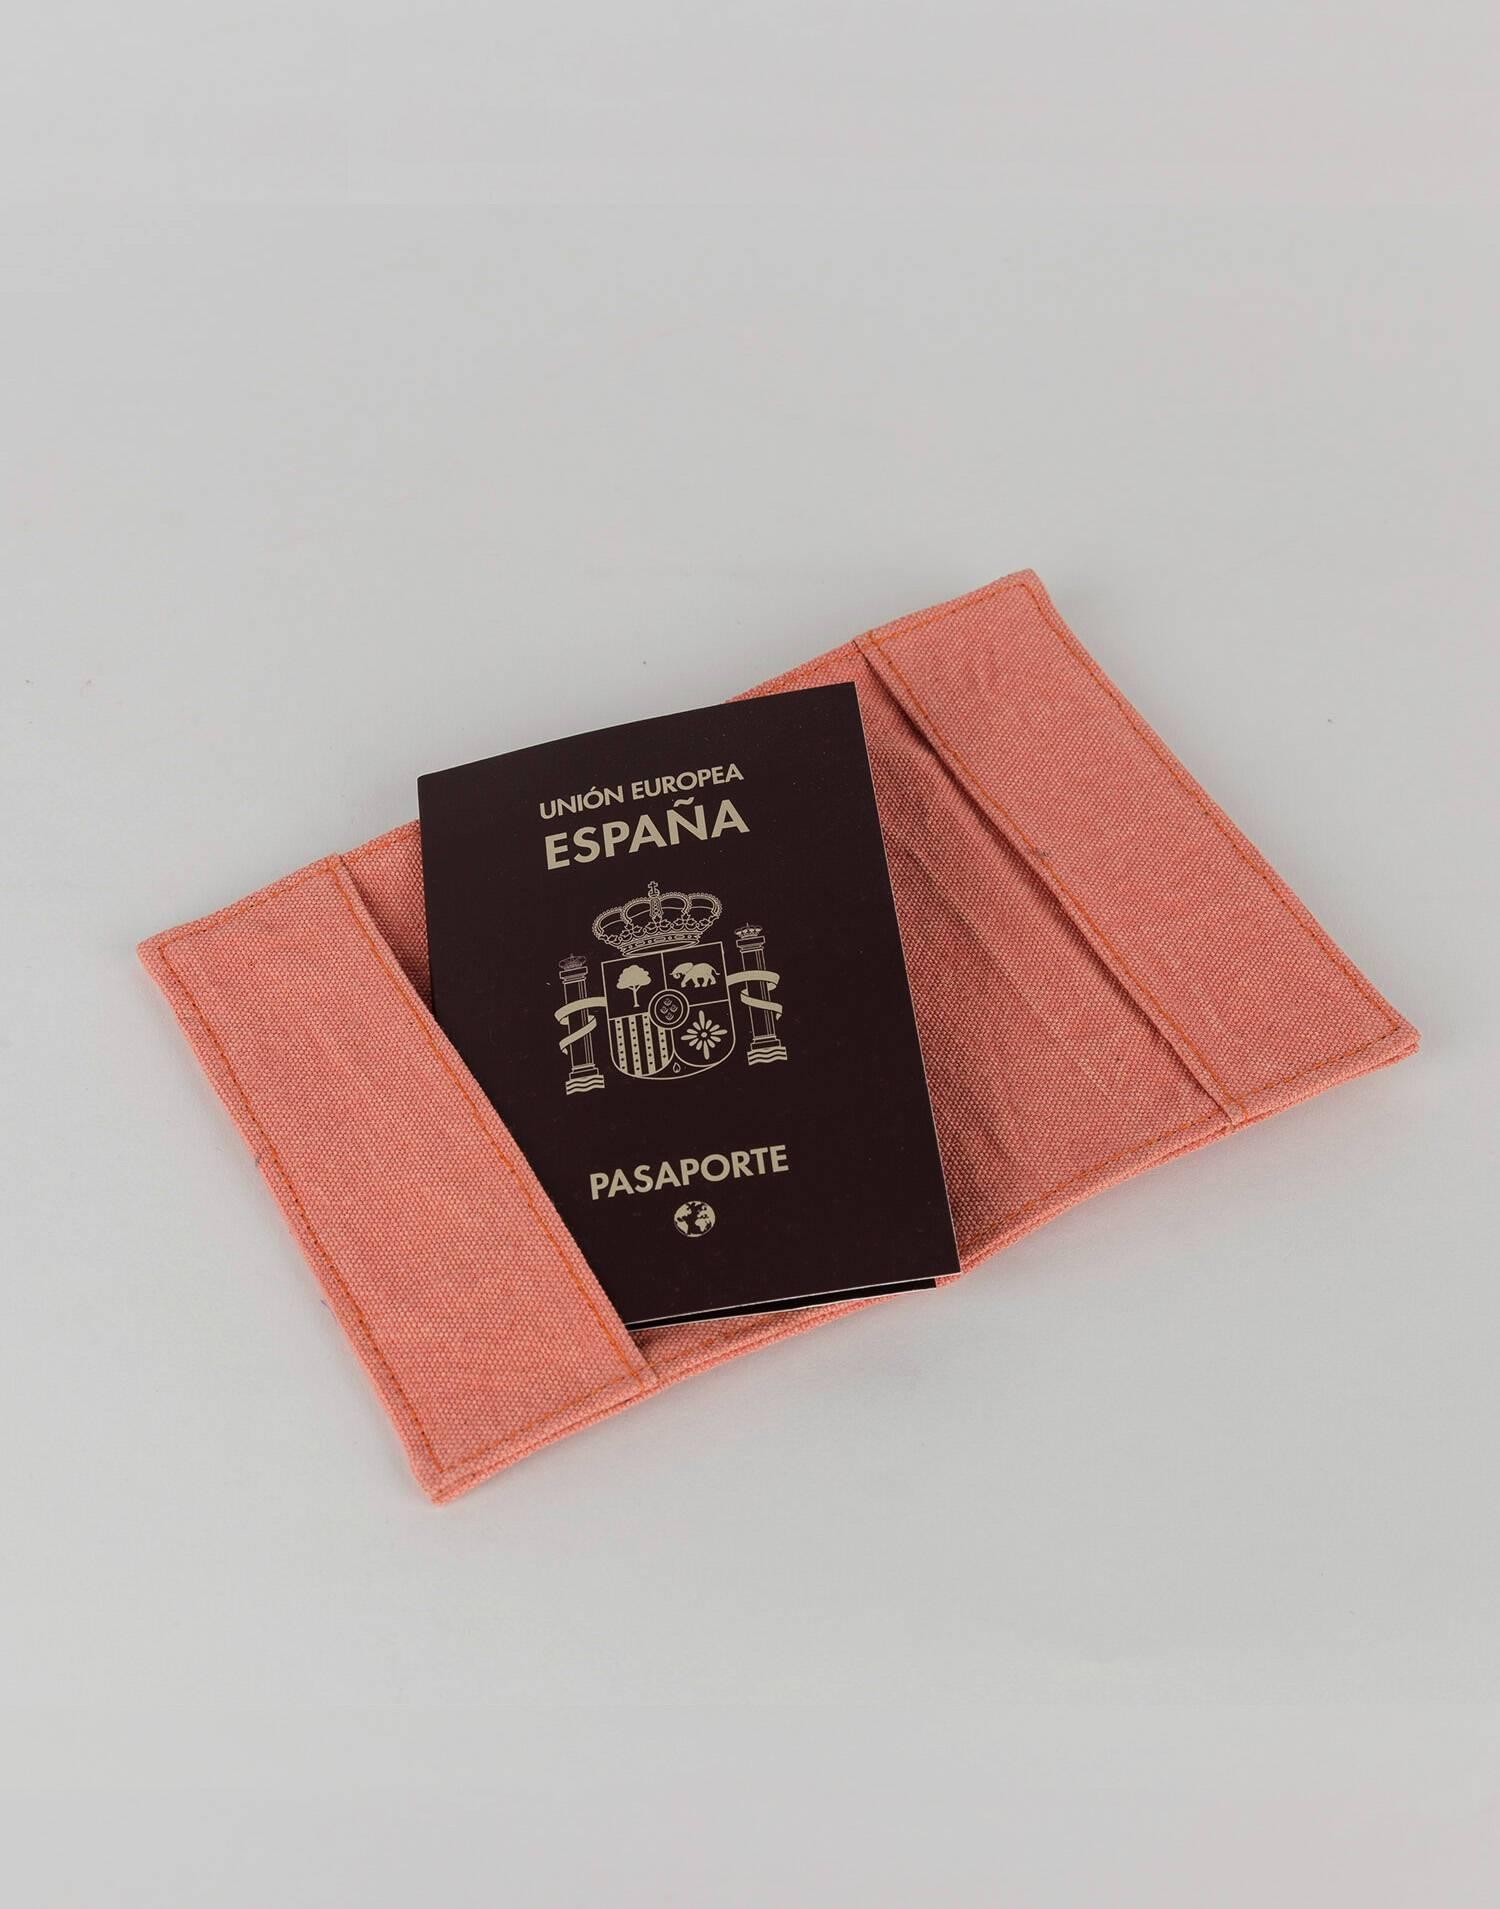 Pasaportera cotton indi